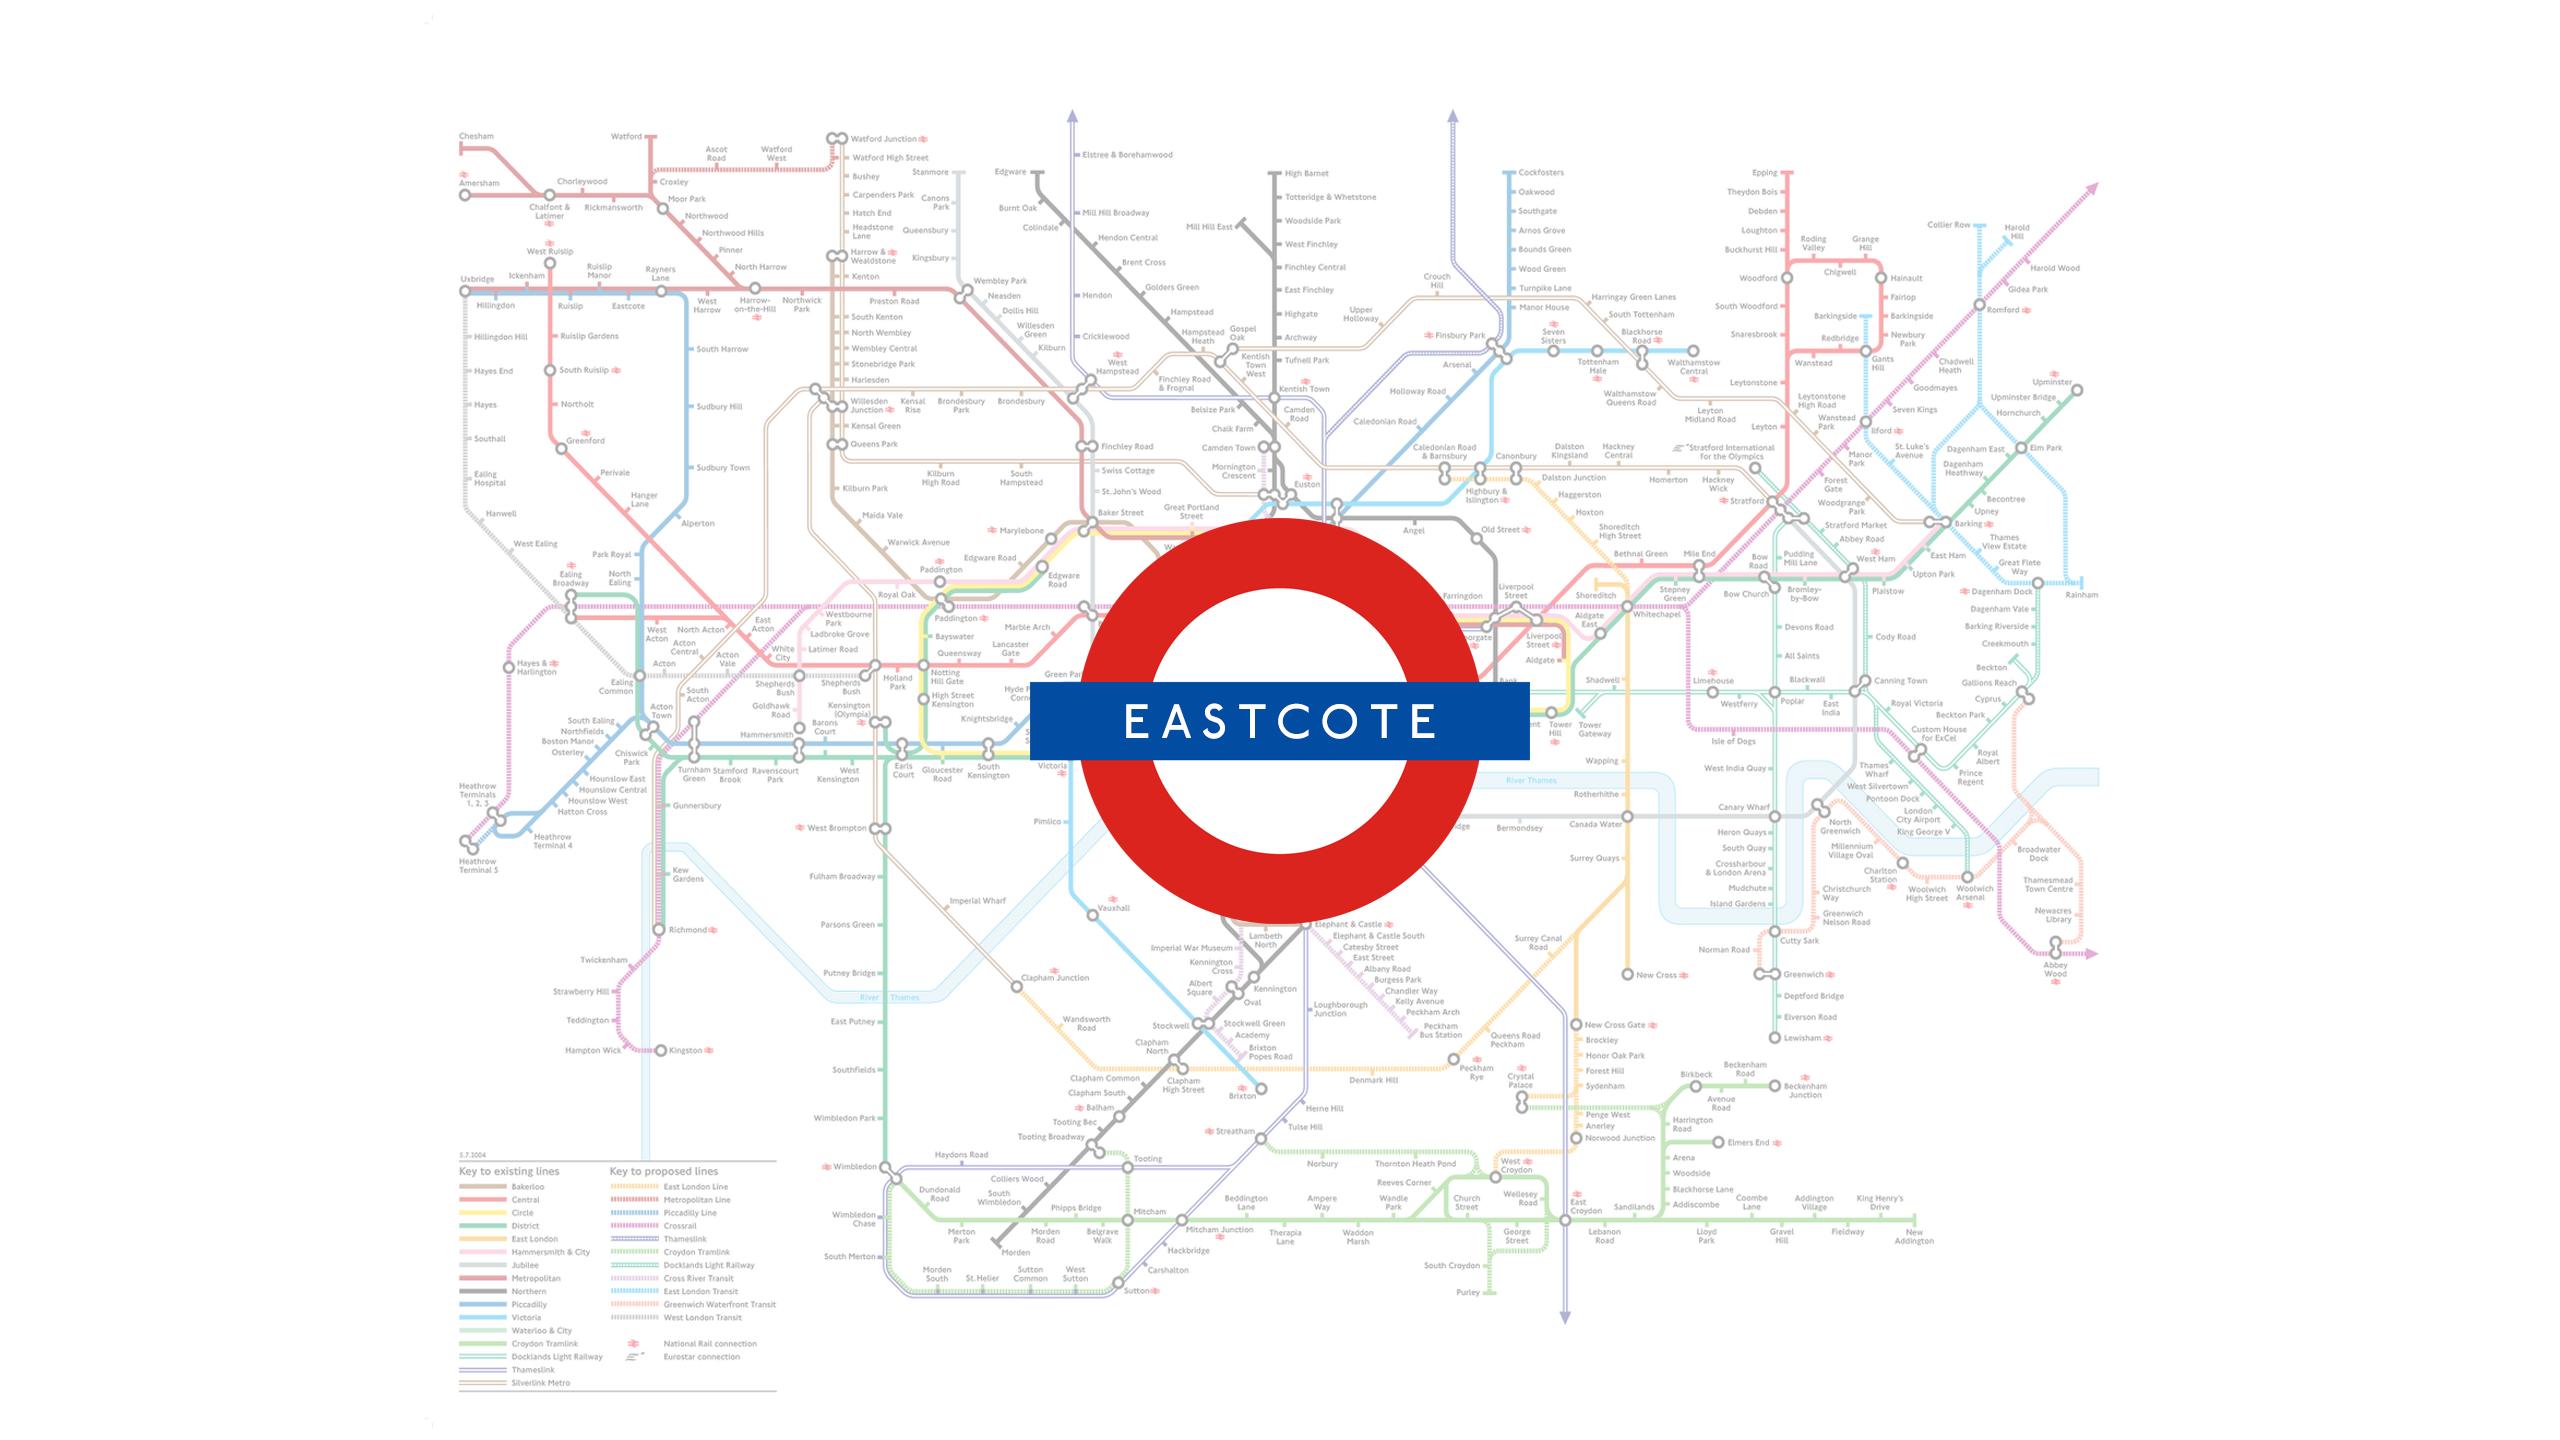 Eastcote (Map)